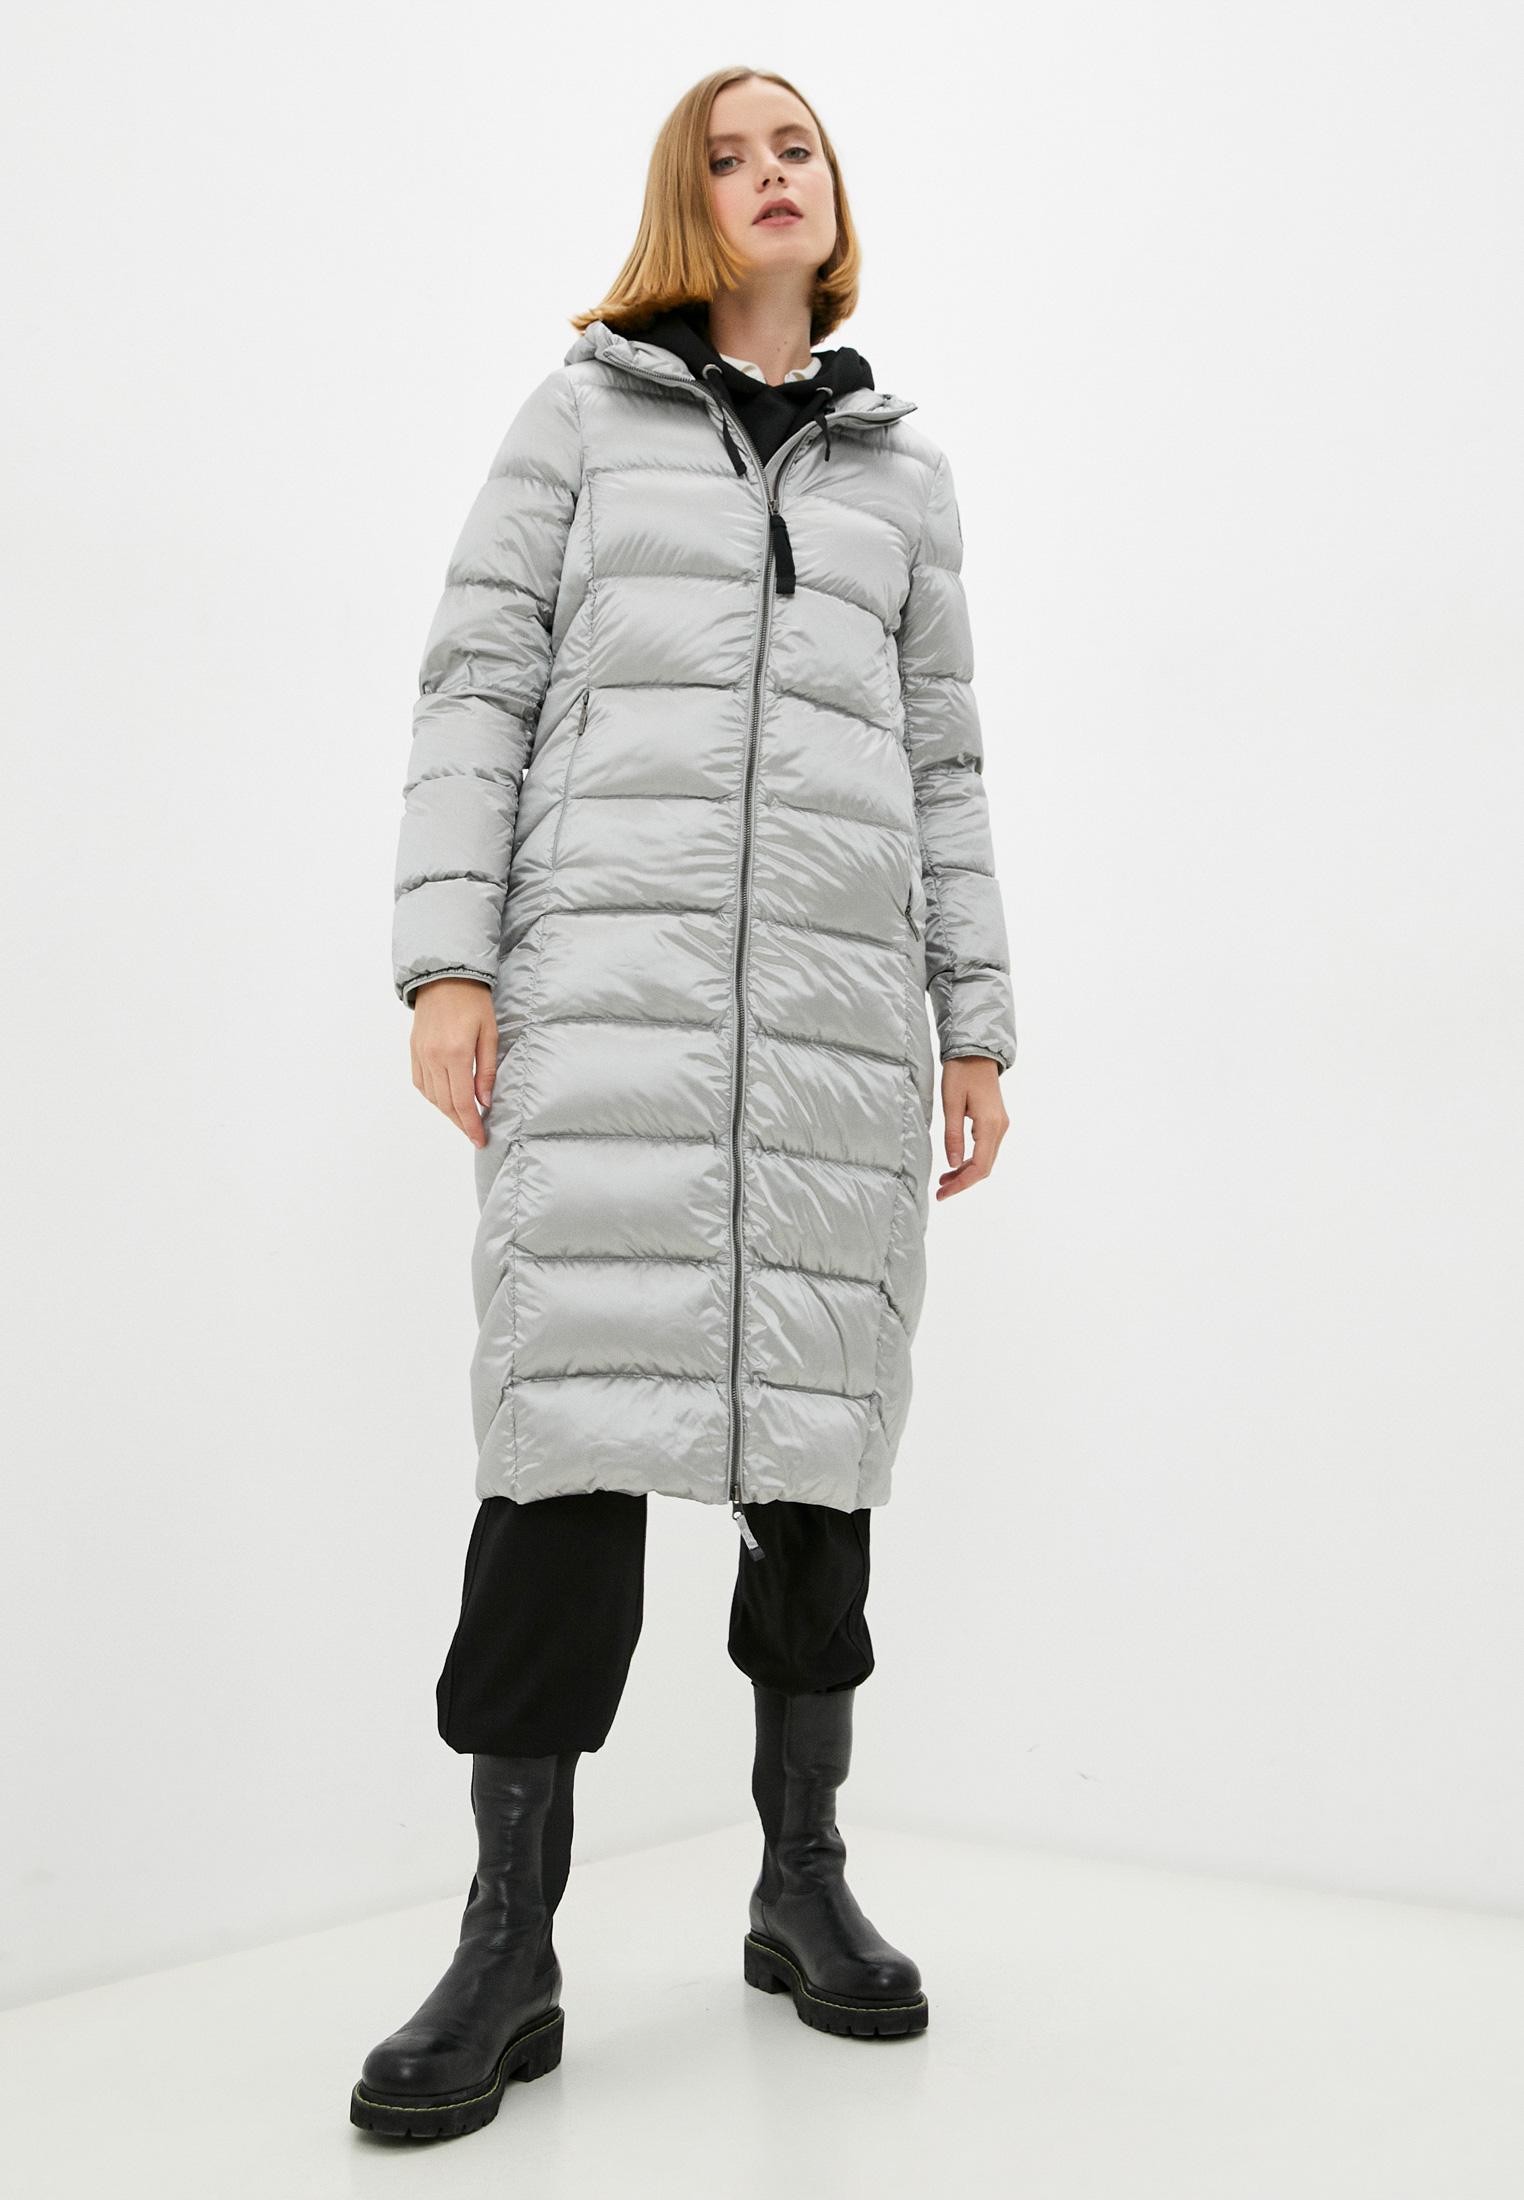 Утепленная куртка Parajumpers Пуховик Parajumpers